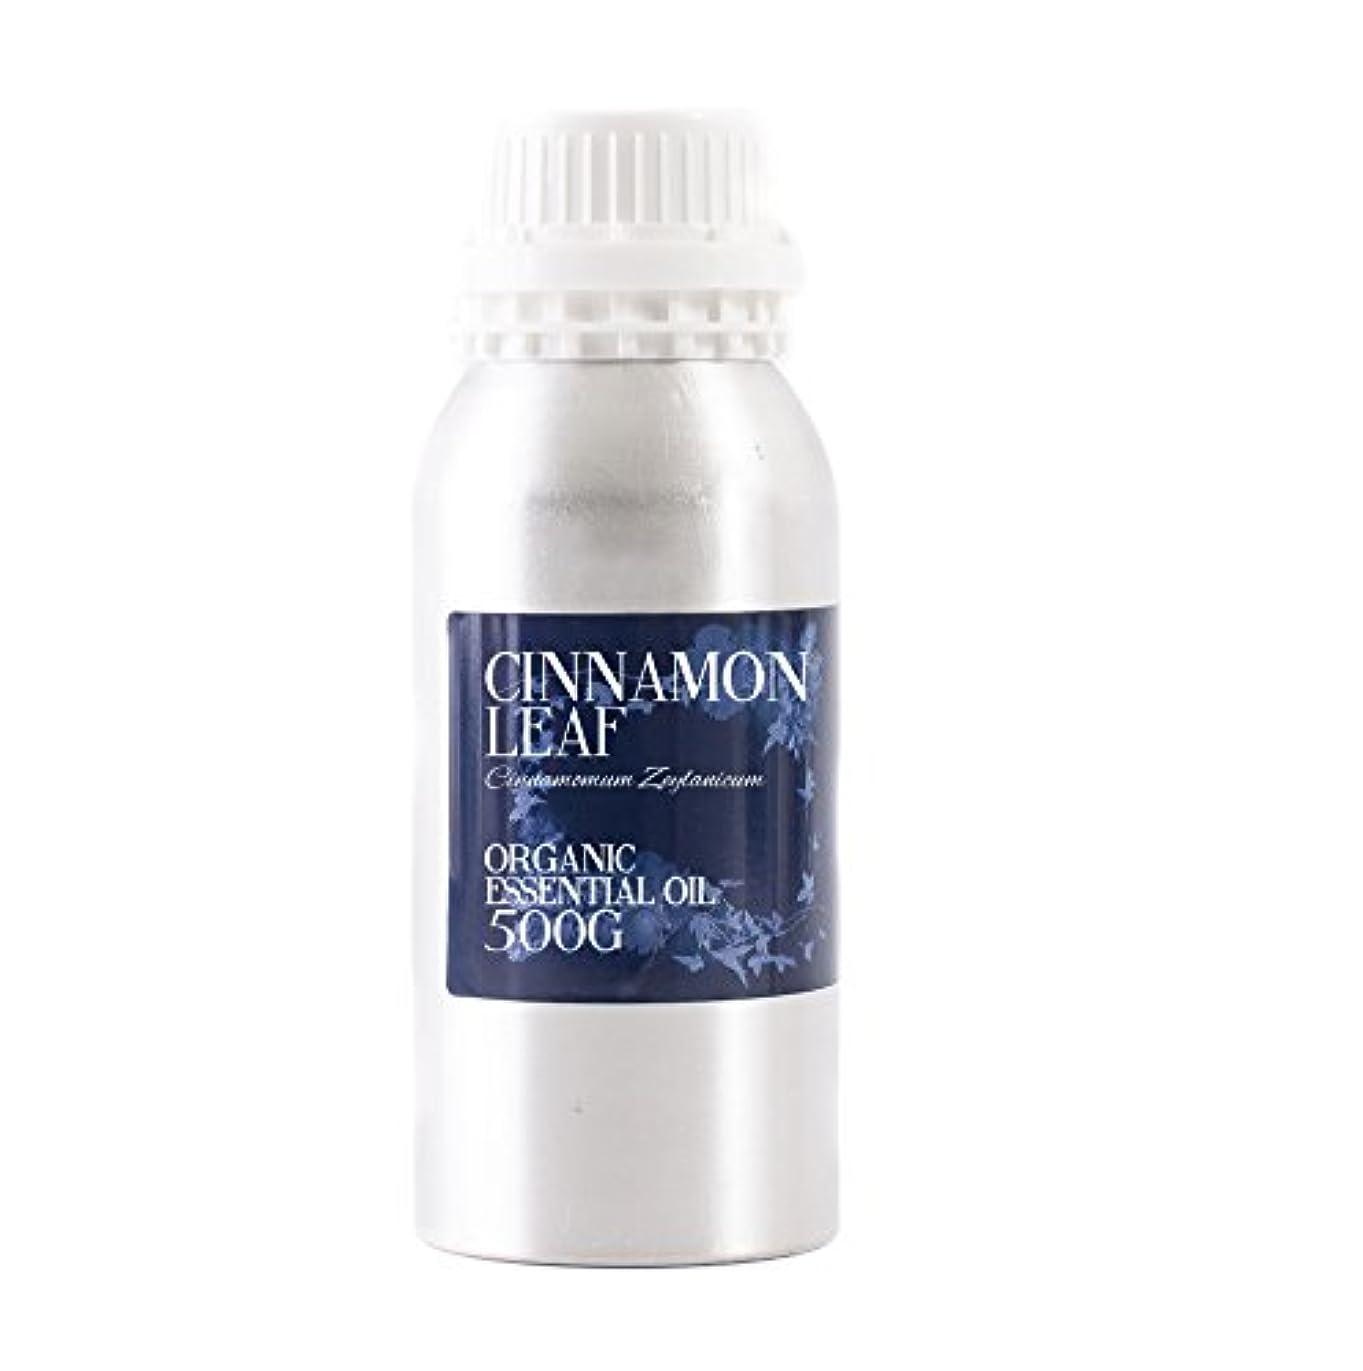 不振大量付与Mystic Moments | Cinnamon Leaf Organic Essential Oil - 500g - 100% Pure